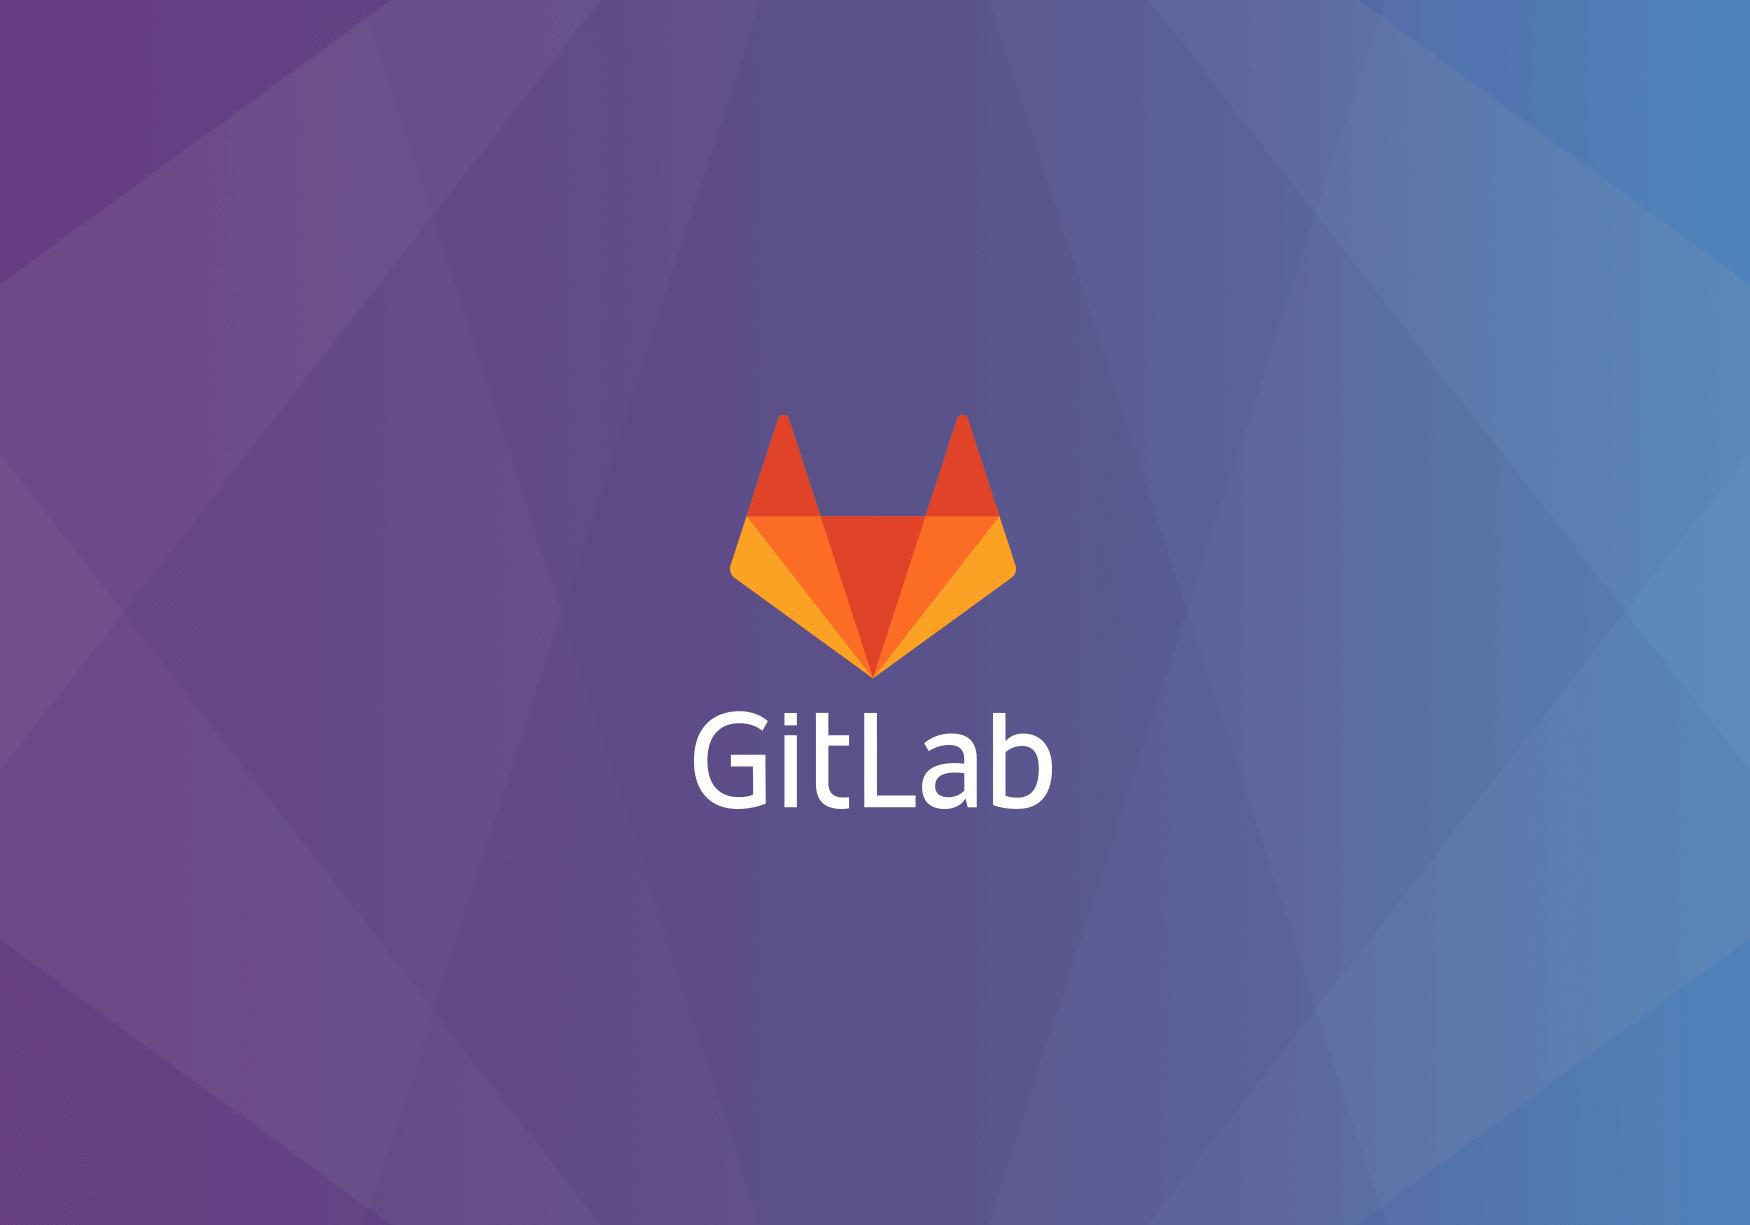 راه اندازی GitLab